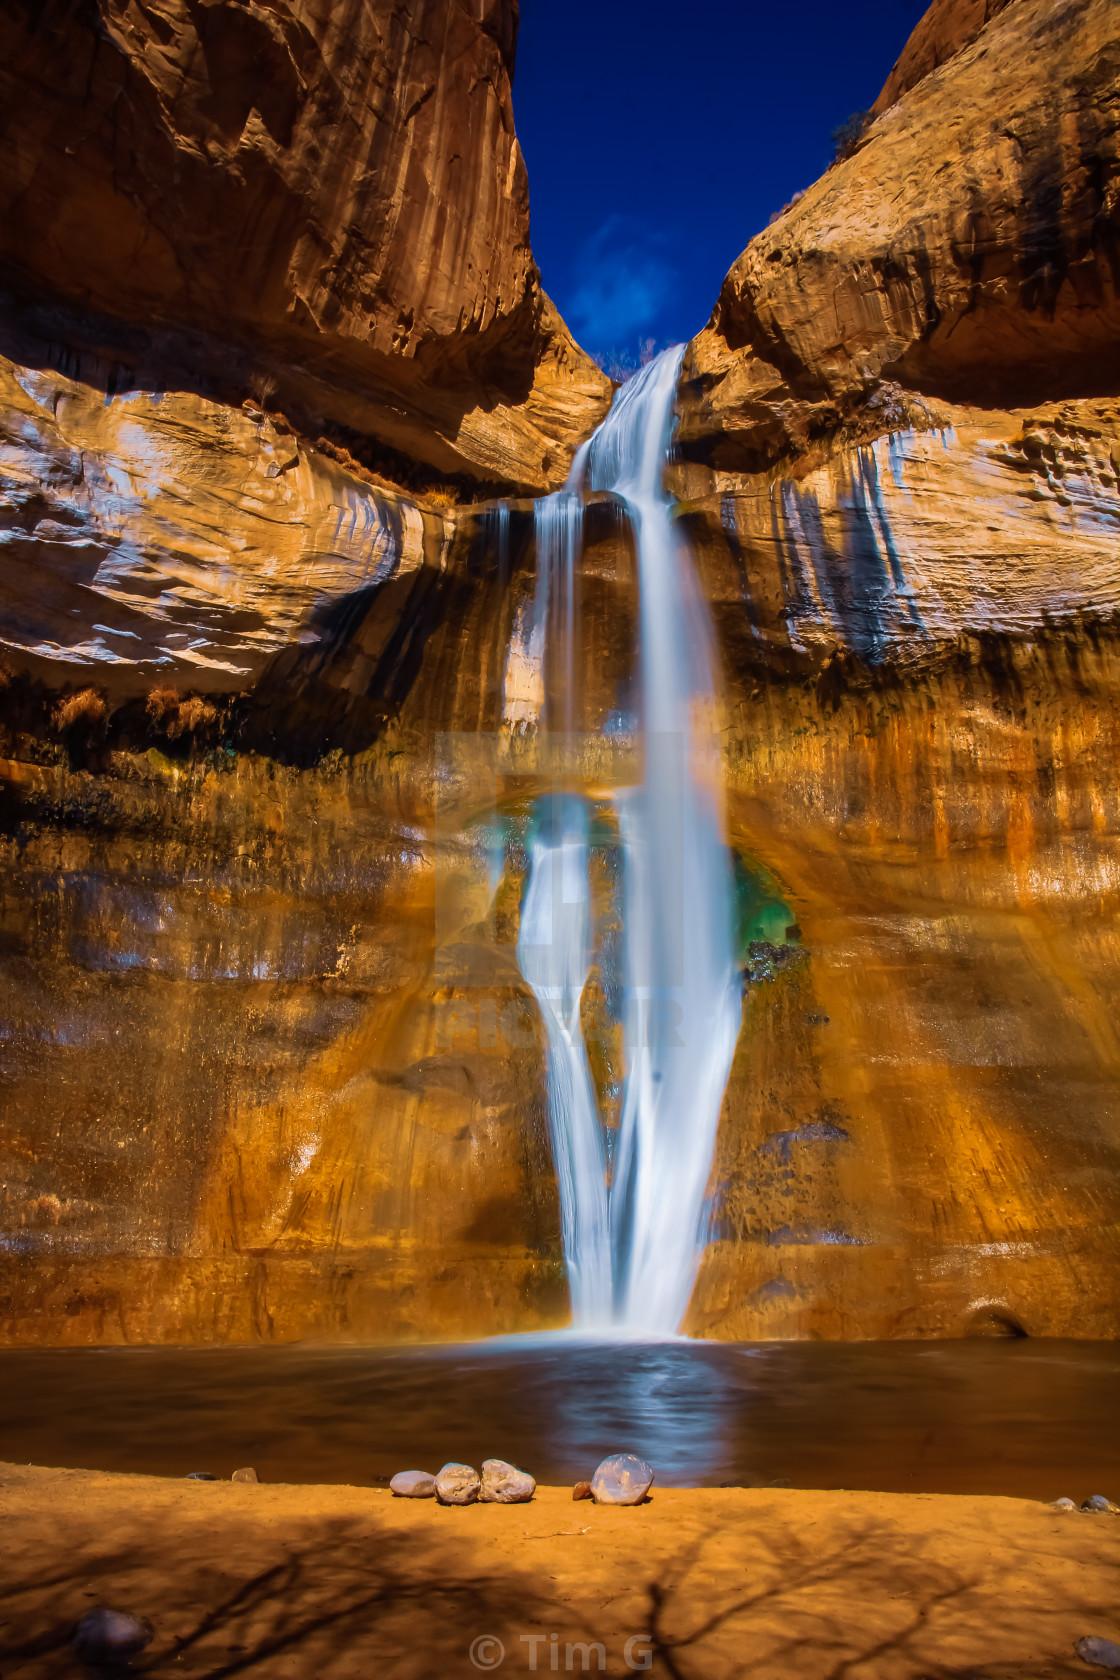 Calf Creek Lower Falls in Grand Staircase-Escalante